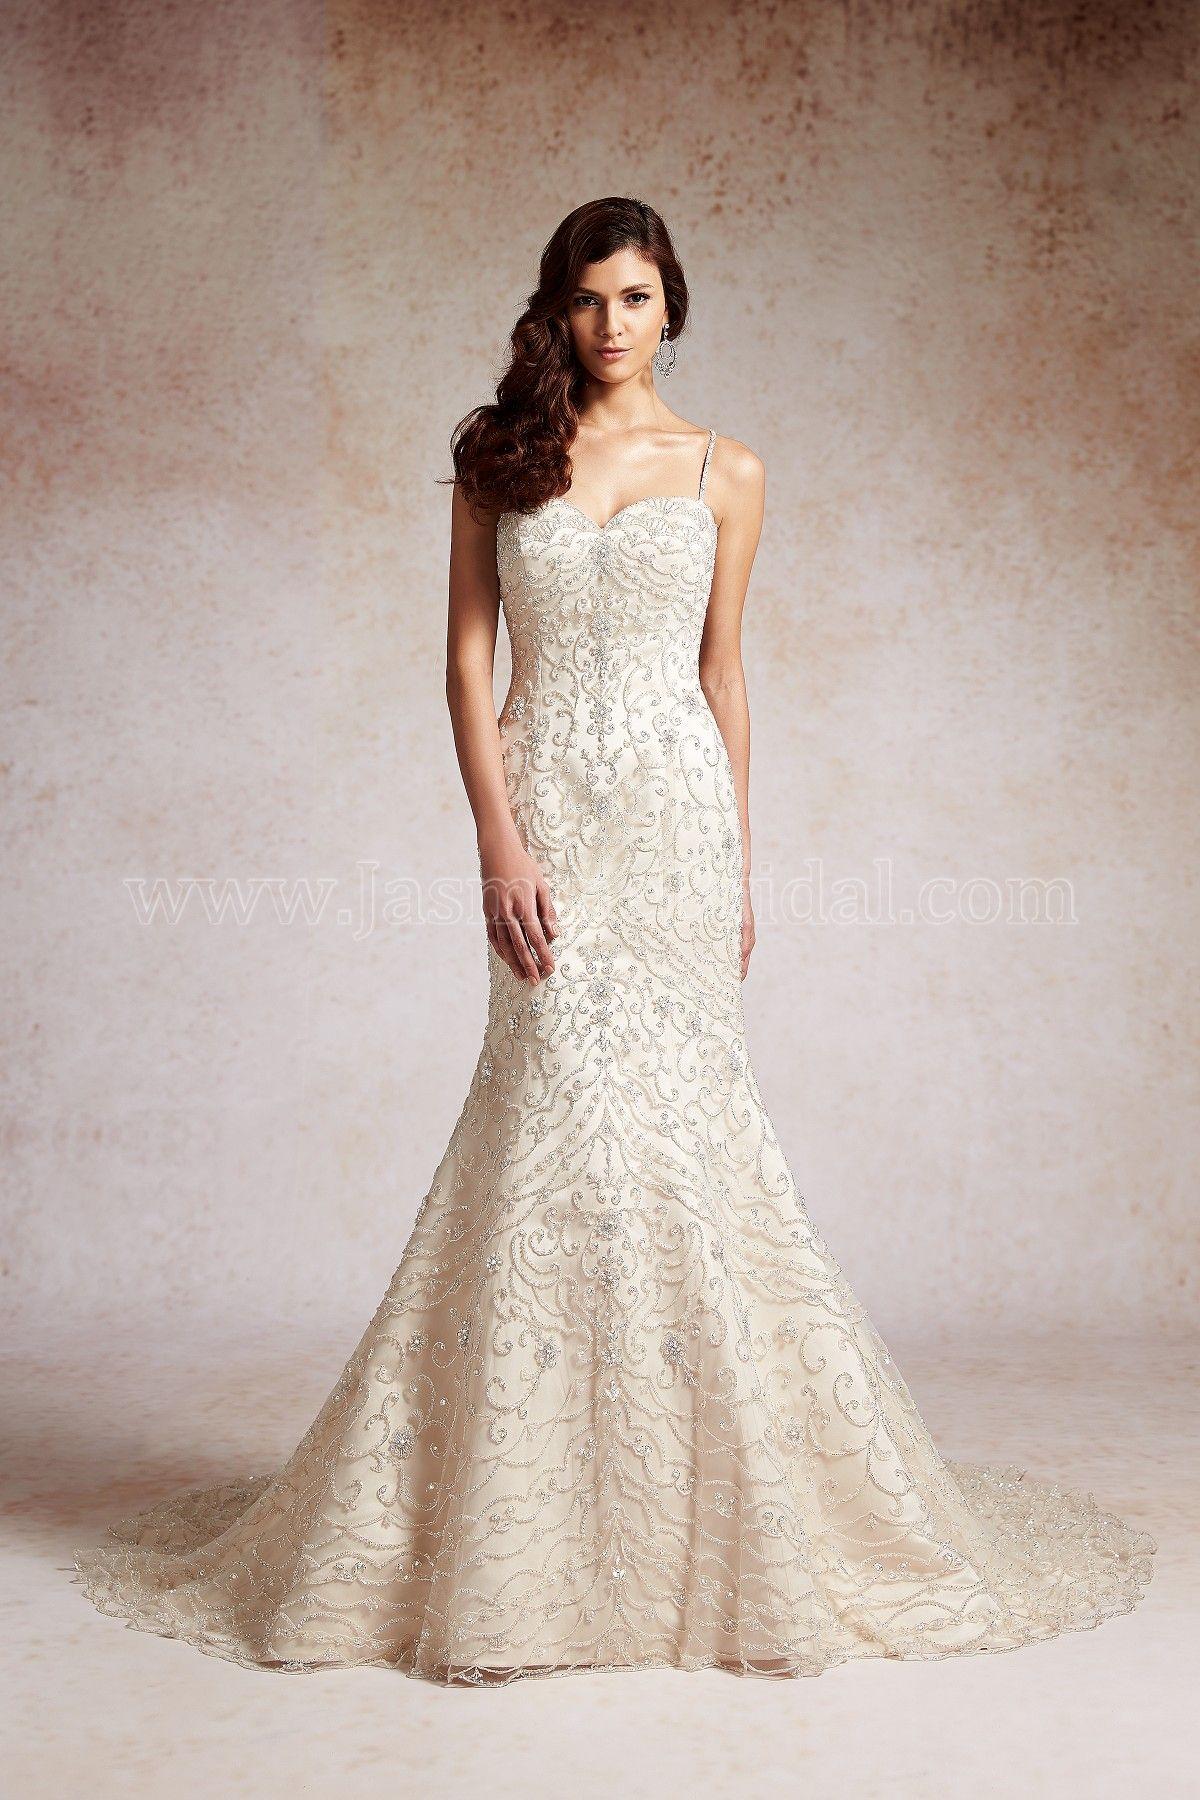 Jasmine wedding dresses  Jasmine Bridal  Dresses  Pinterest  Jasmine bridal Bridal gowns